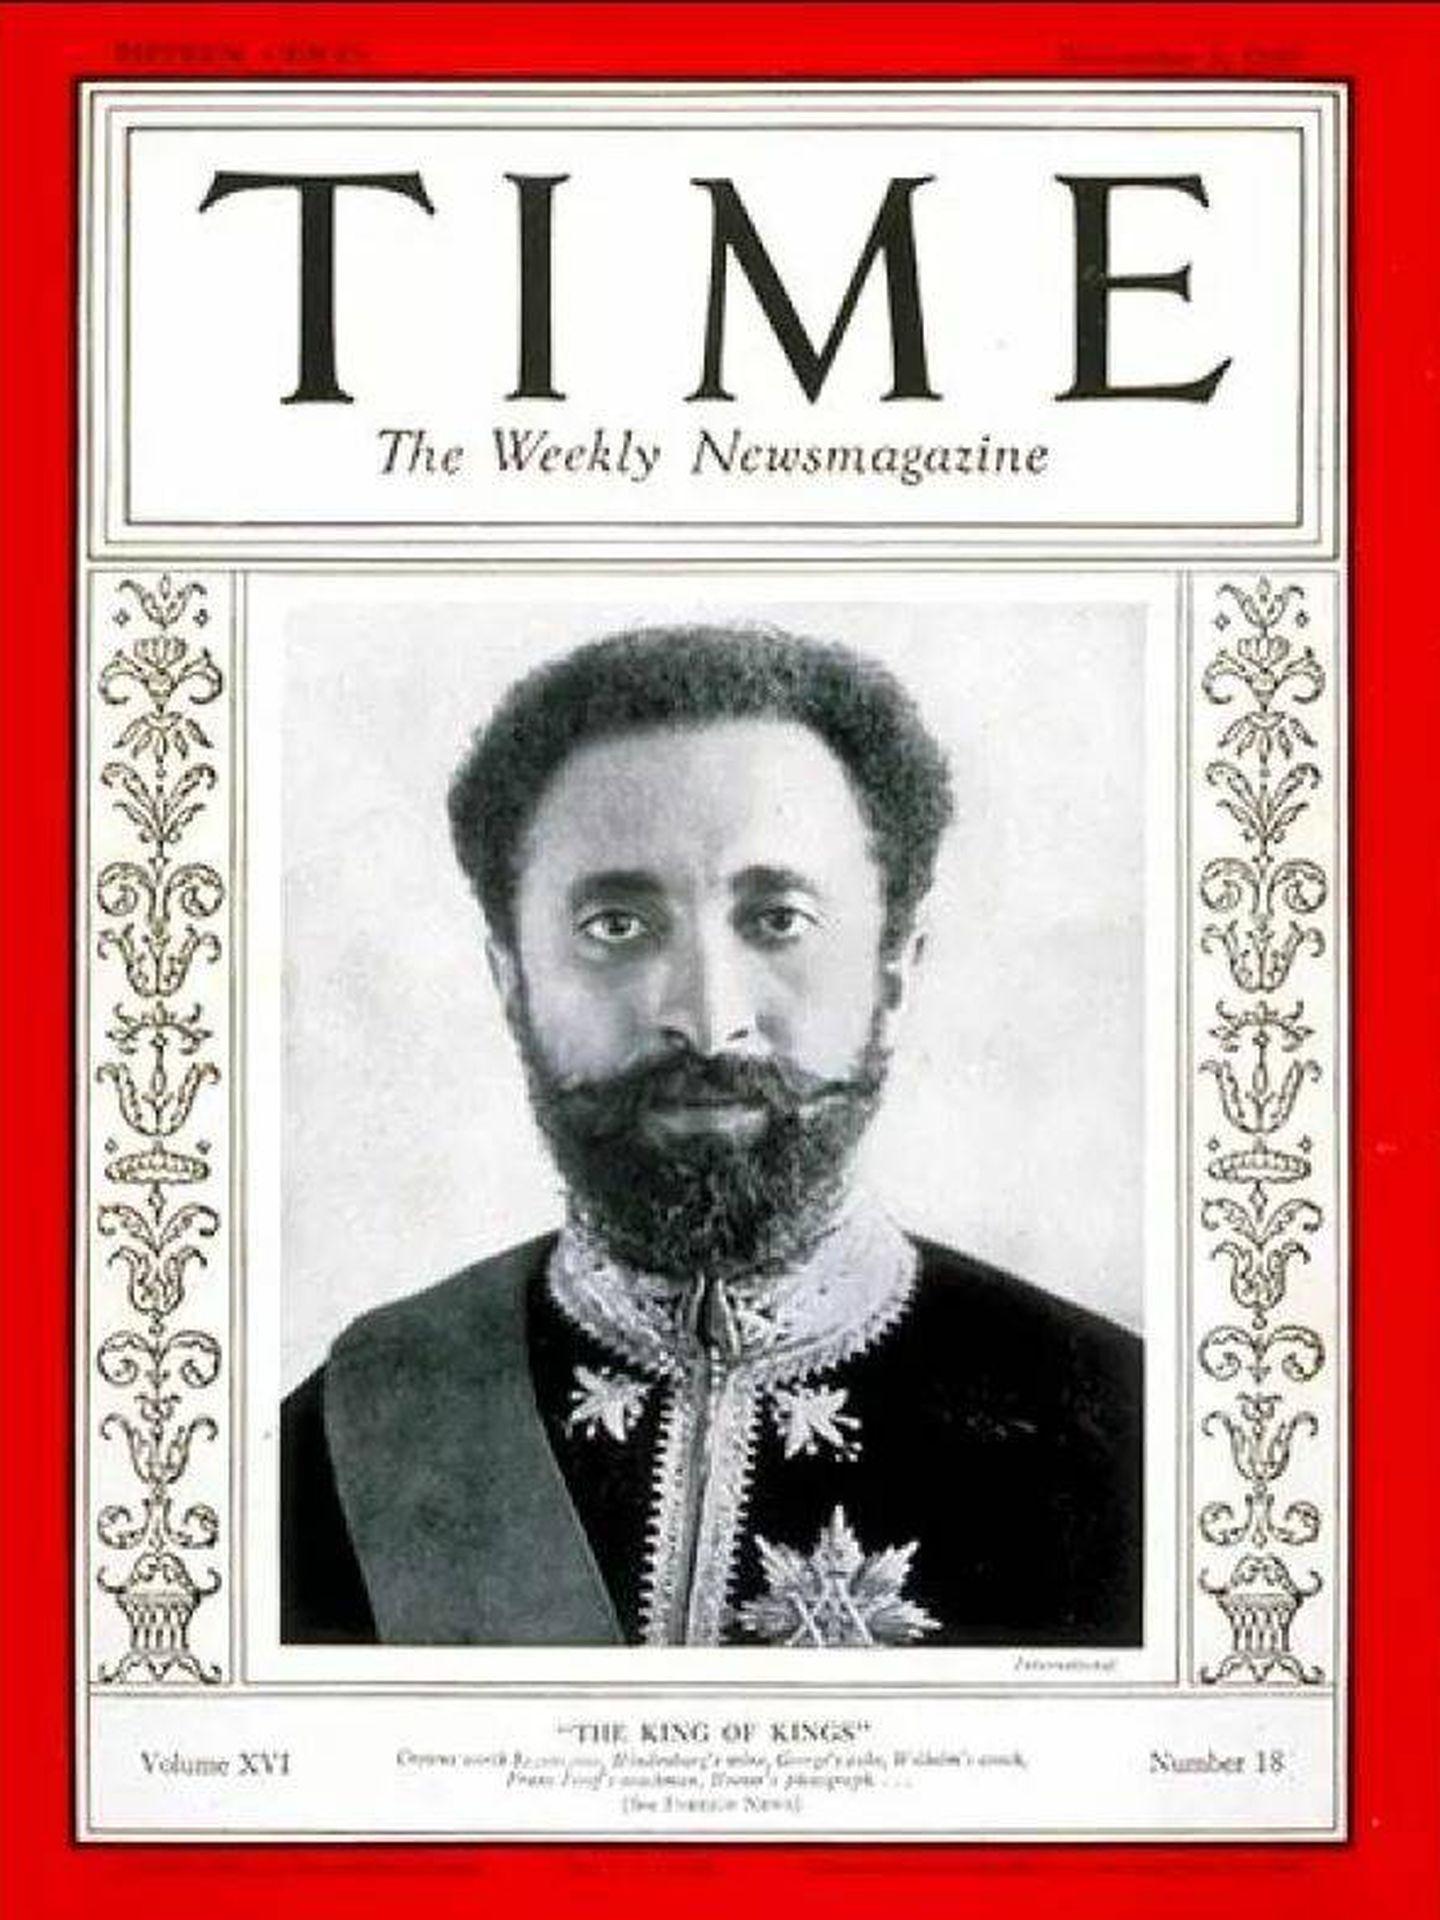 El 'rey de reyes' siendo 'Hombre del año' en 1930.